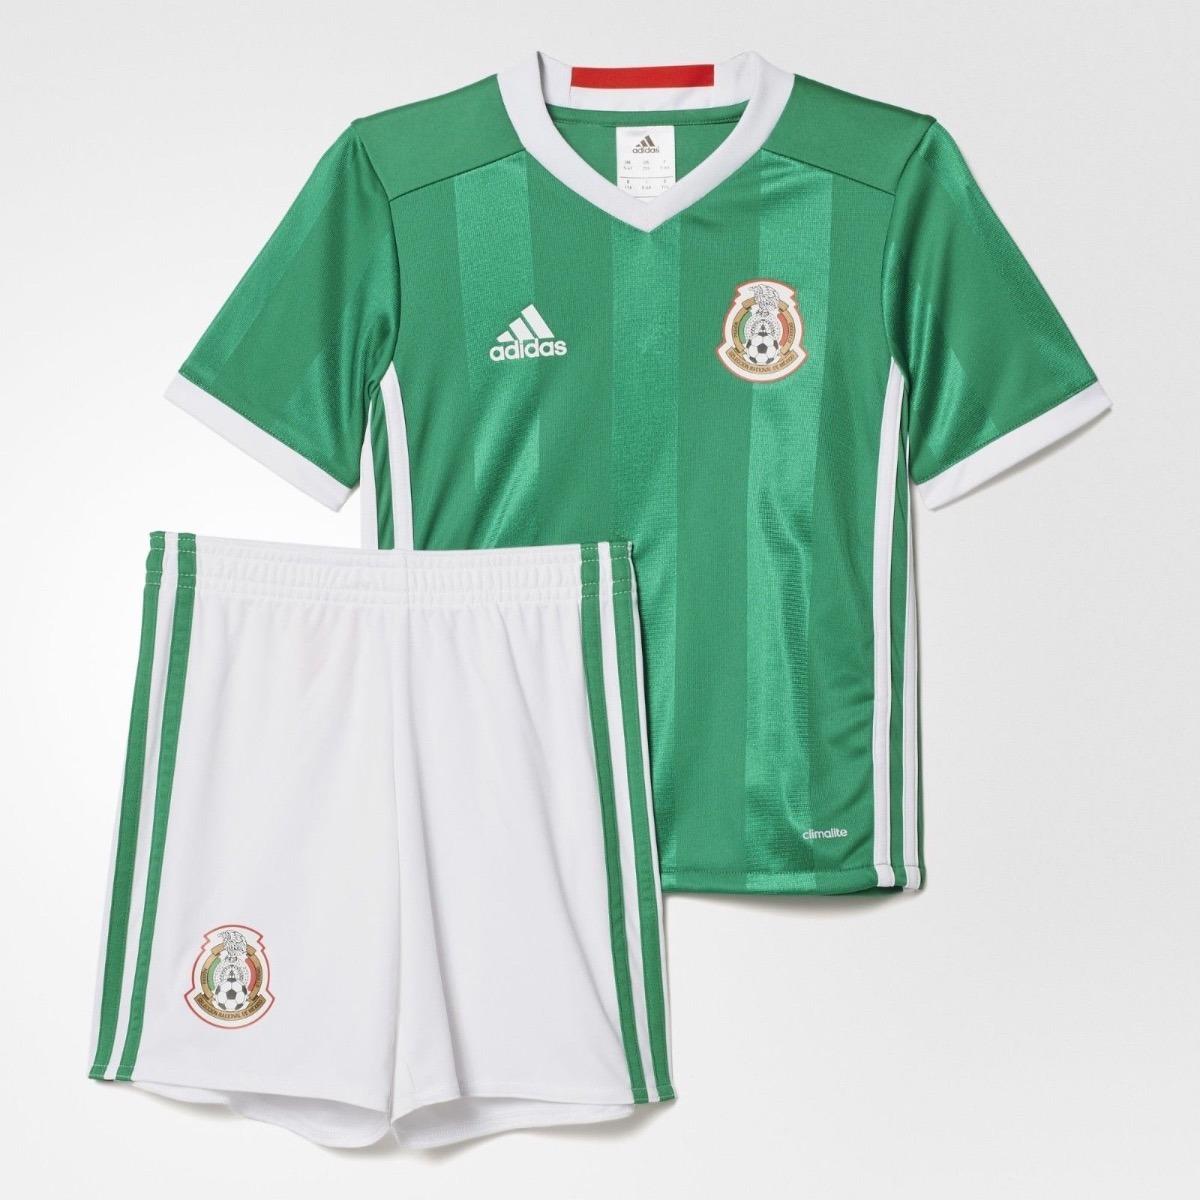 Kit Conjunto adidas De La Seleccion De Mexico Niño Y Bebe -   589.00 ... 1d9e4b1200560